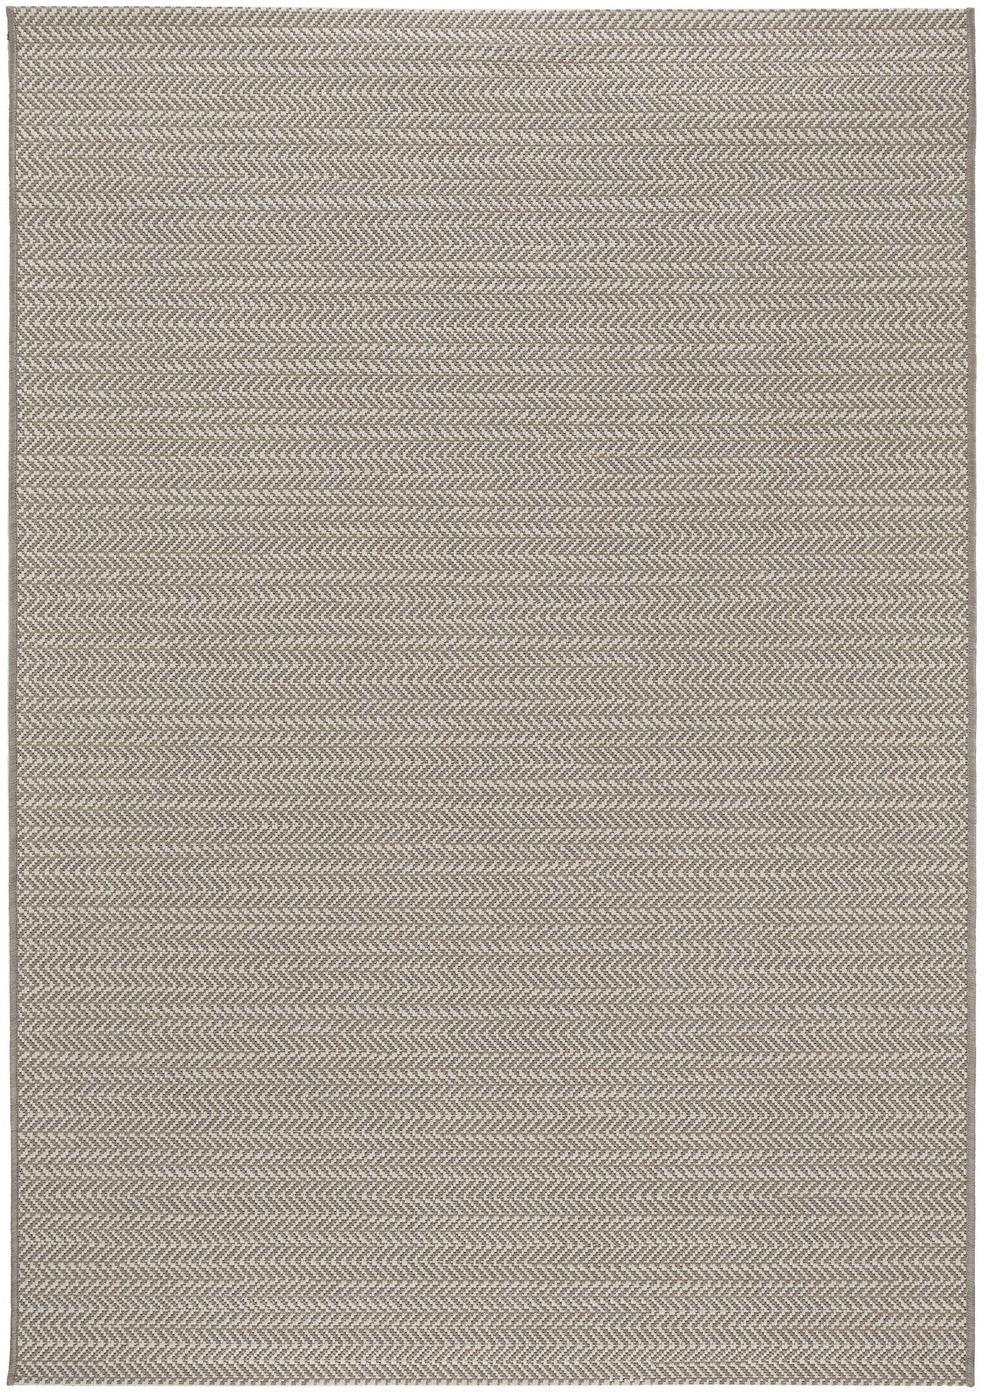 Tappeto da interno-esterno Metro Needle, Polipropilene, Beige, Larg. 120 x Lung. 170 cm (taglia S)